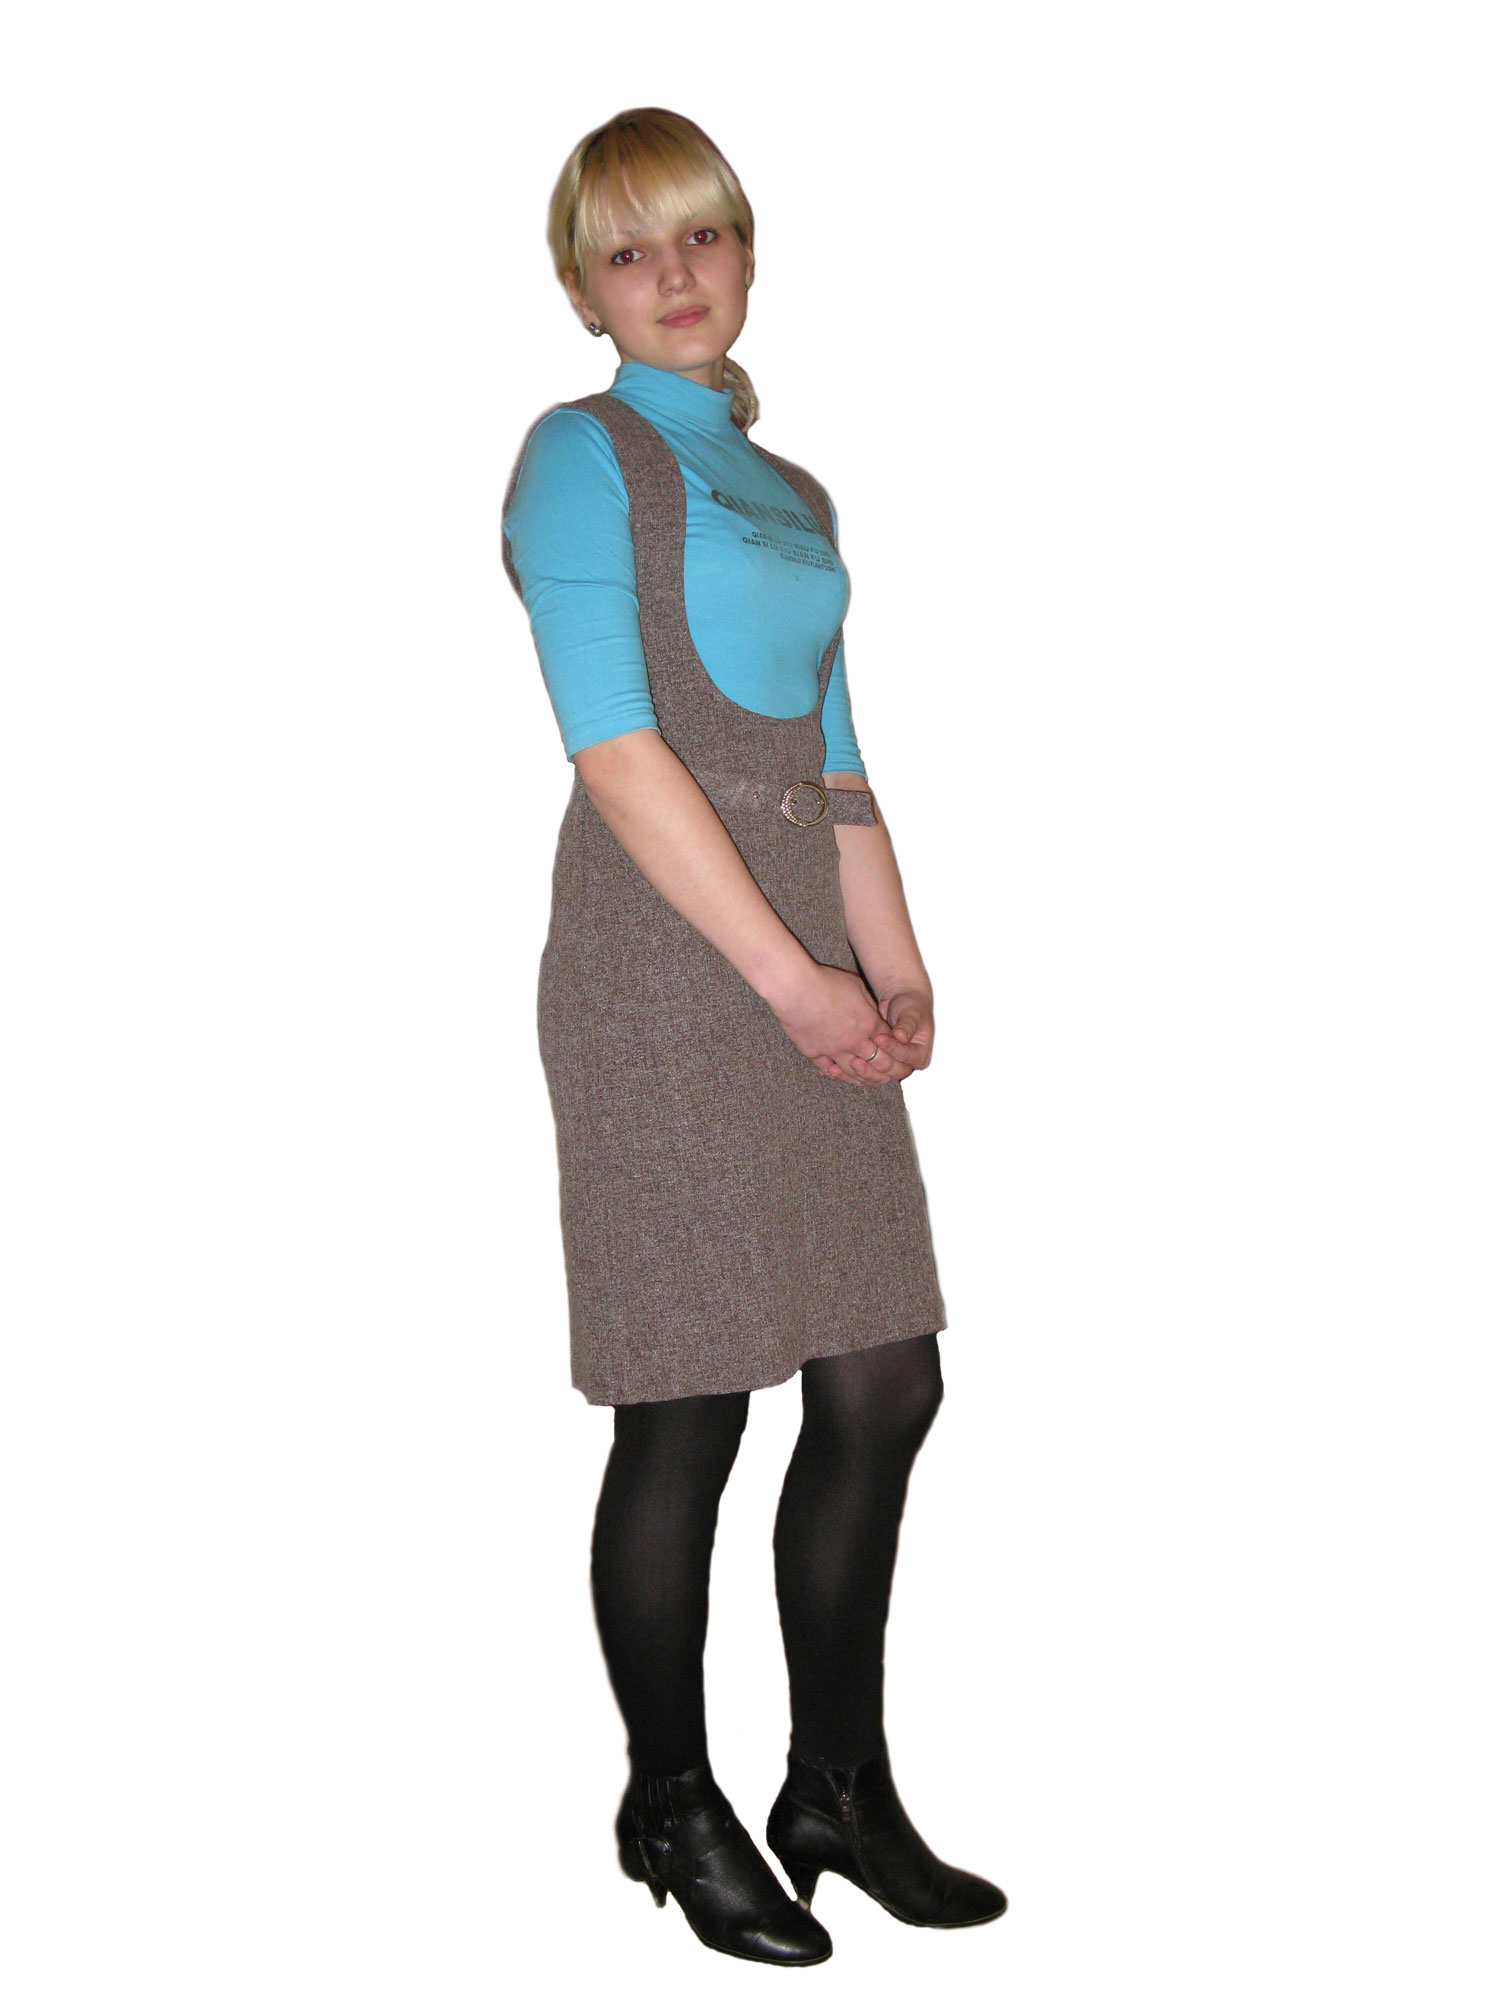 Тамбовчанка Женская Одежда Каталог С Доставкой